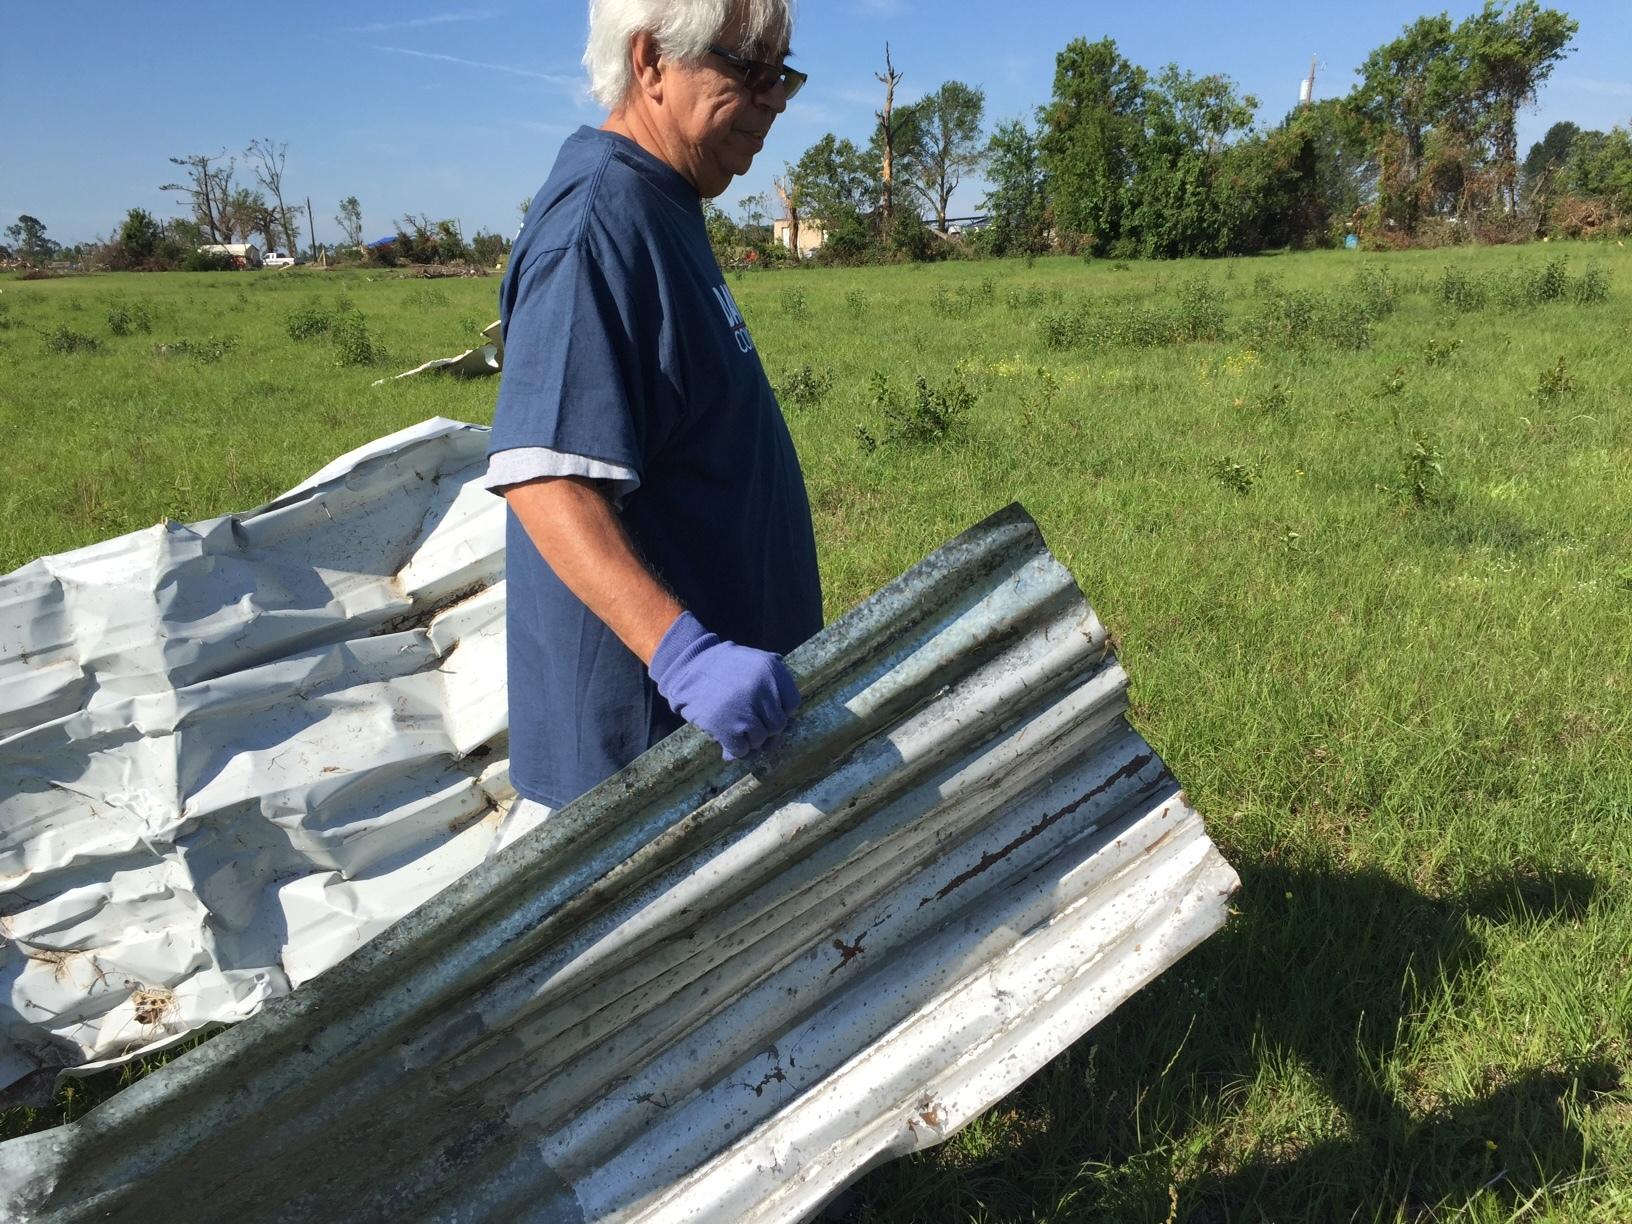 Volunteering for VanZandt tornado cleanup